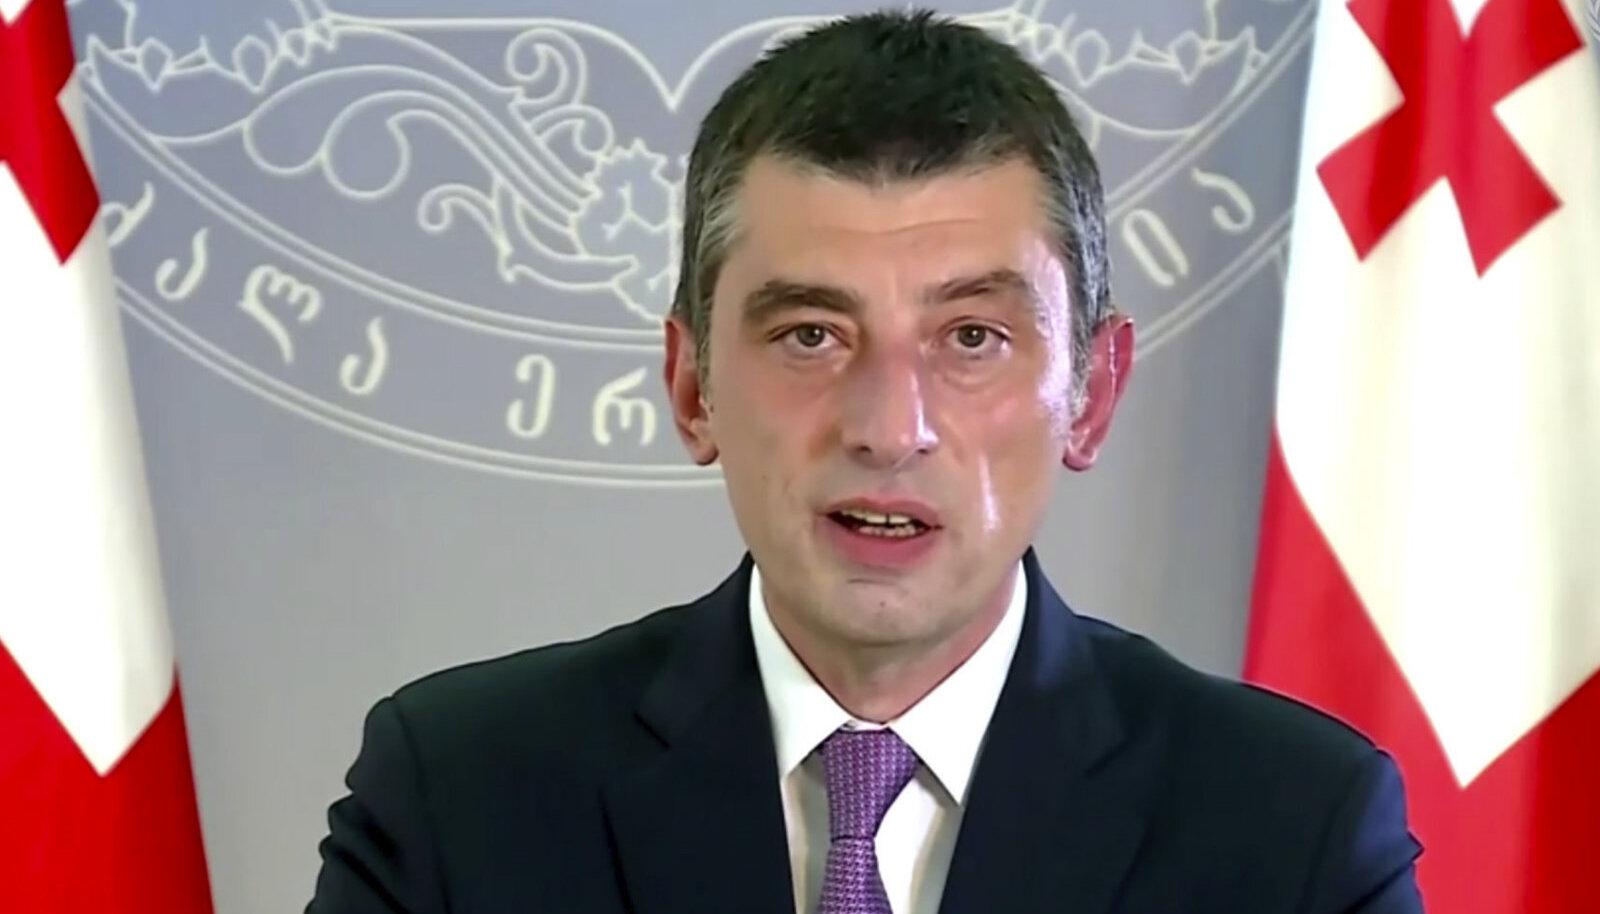 Giorgi Gahharia